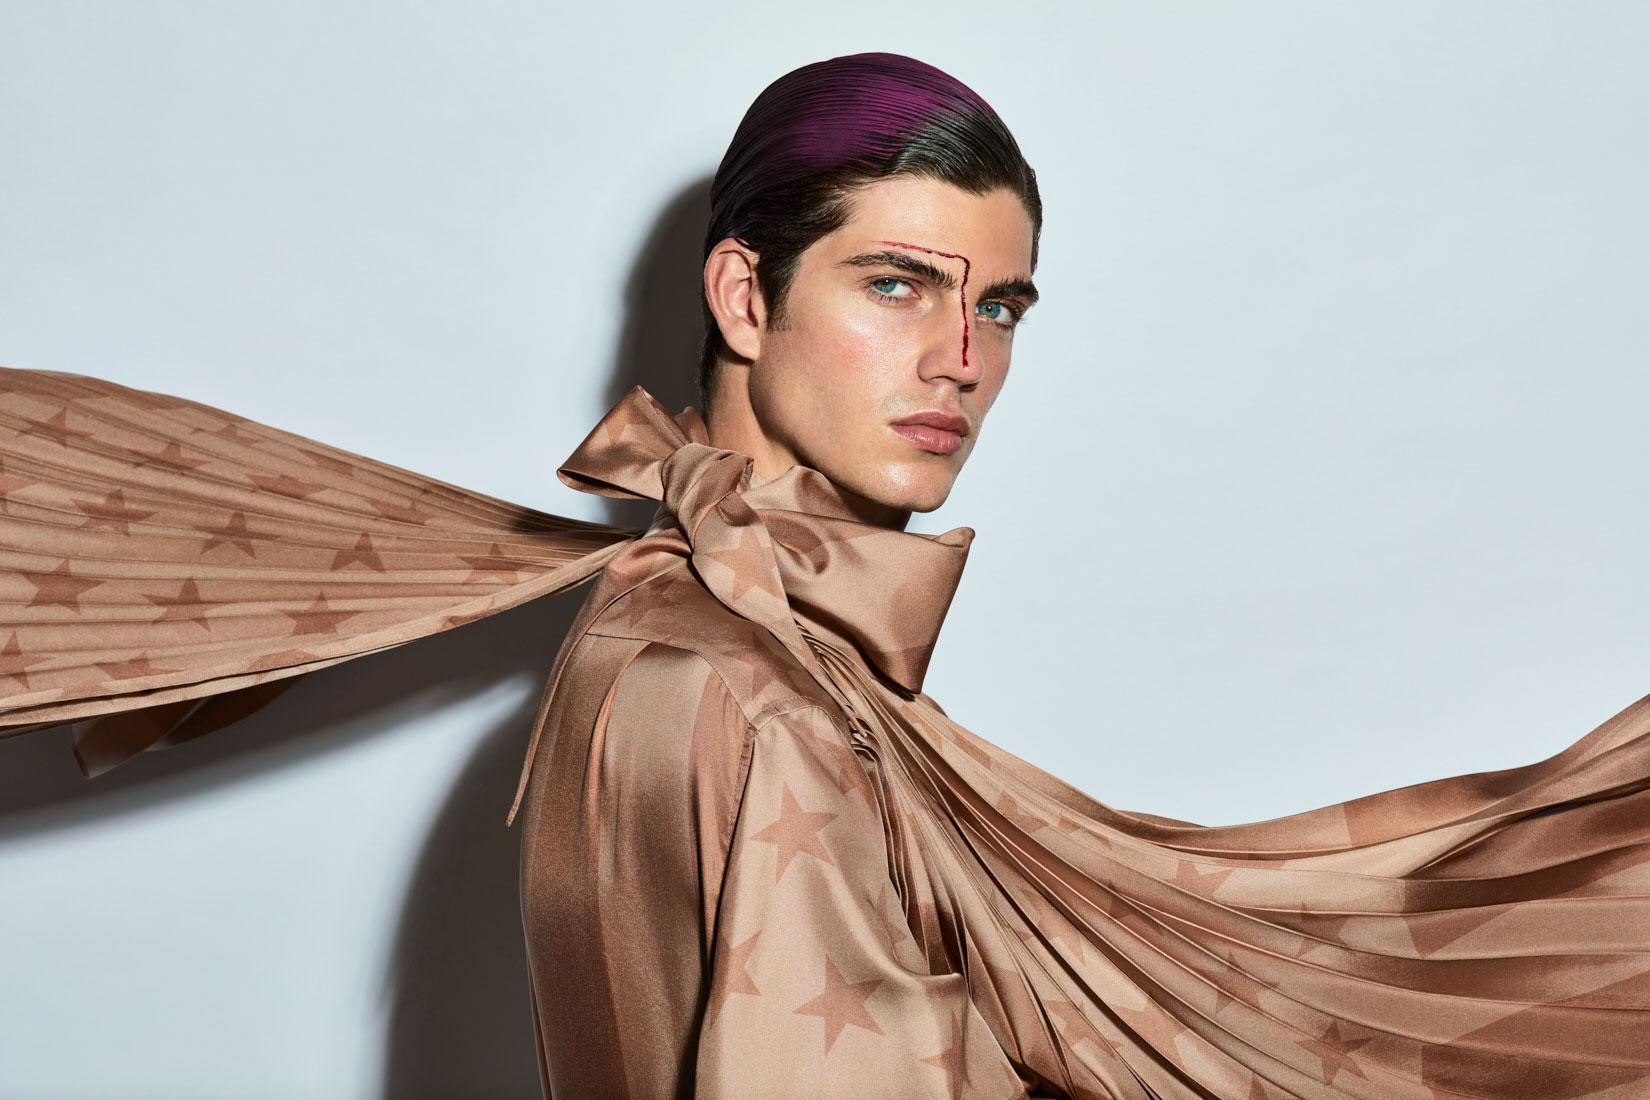 Beauty-men-by-Olga-Rubio-Dalmau---4